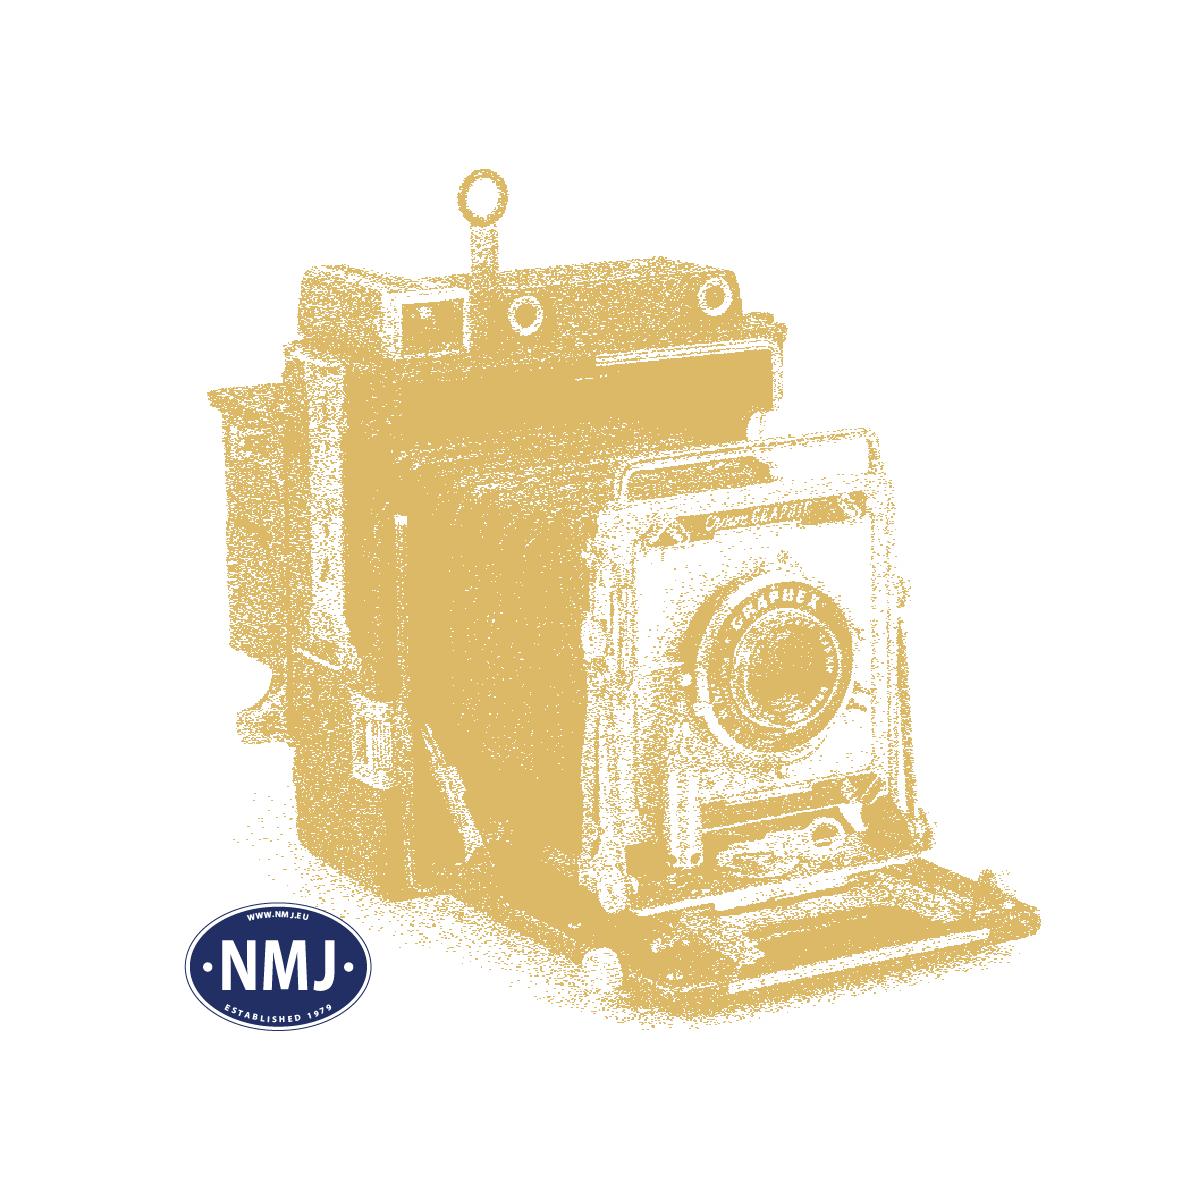 NMJT508.201 - NMJ Topline NSB Kühlwagen Iblps 20 76 805 3013-7